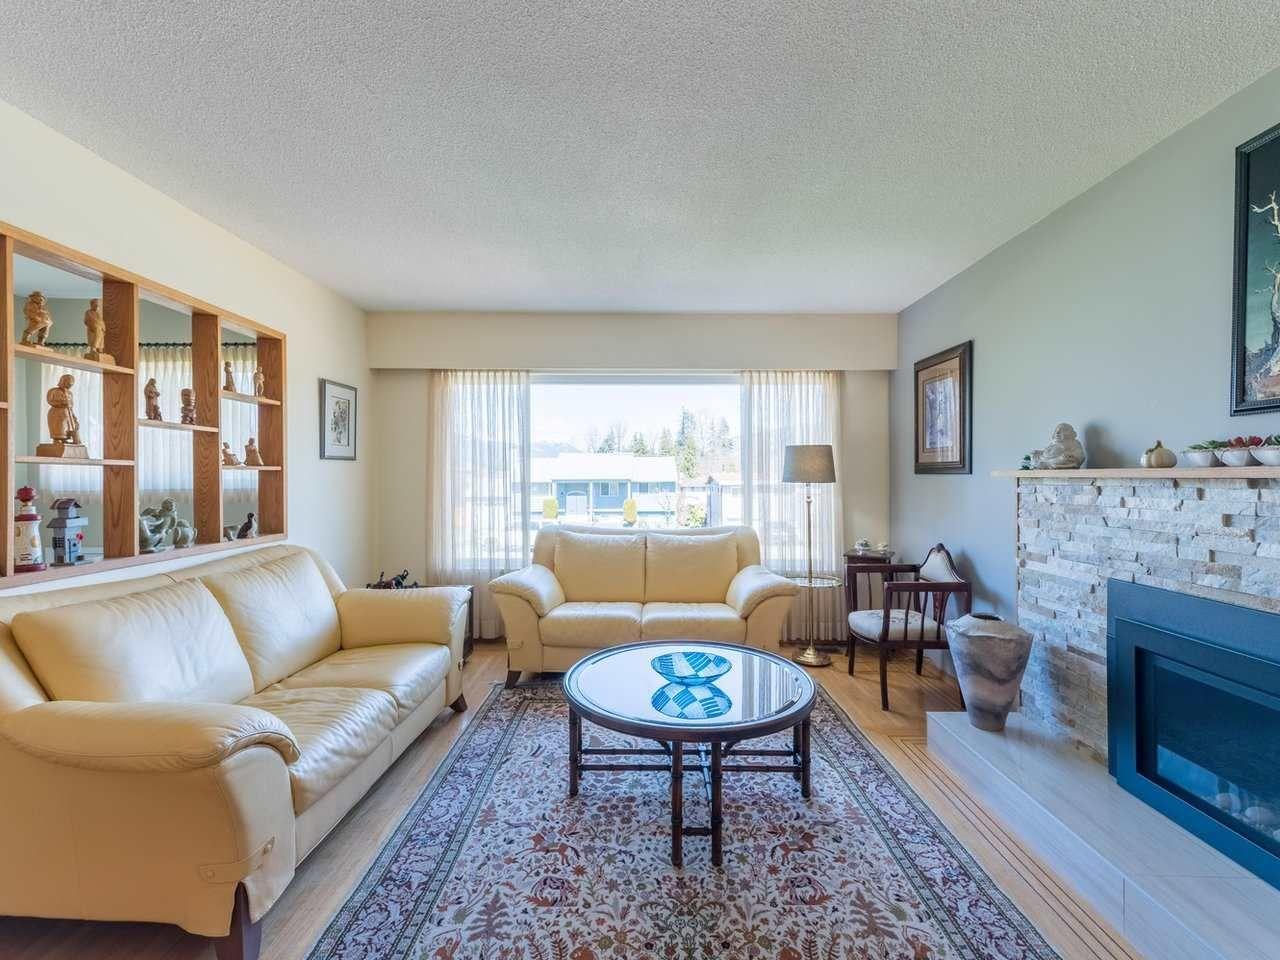 Photo 6: Photos: 808 REGAN Avenue in Coquitlam: Coquitlam West House for sale : MLS®# R2563486